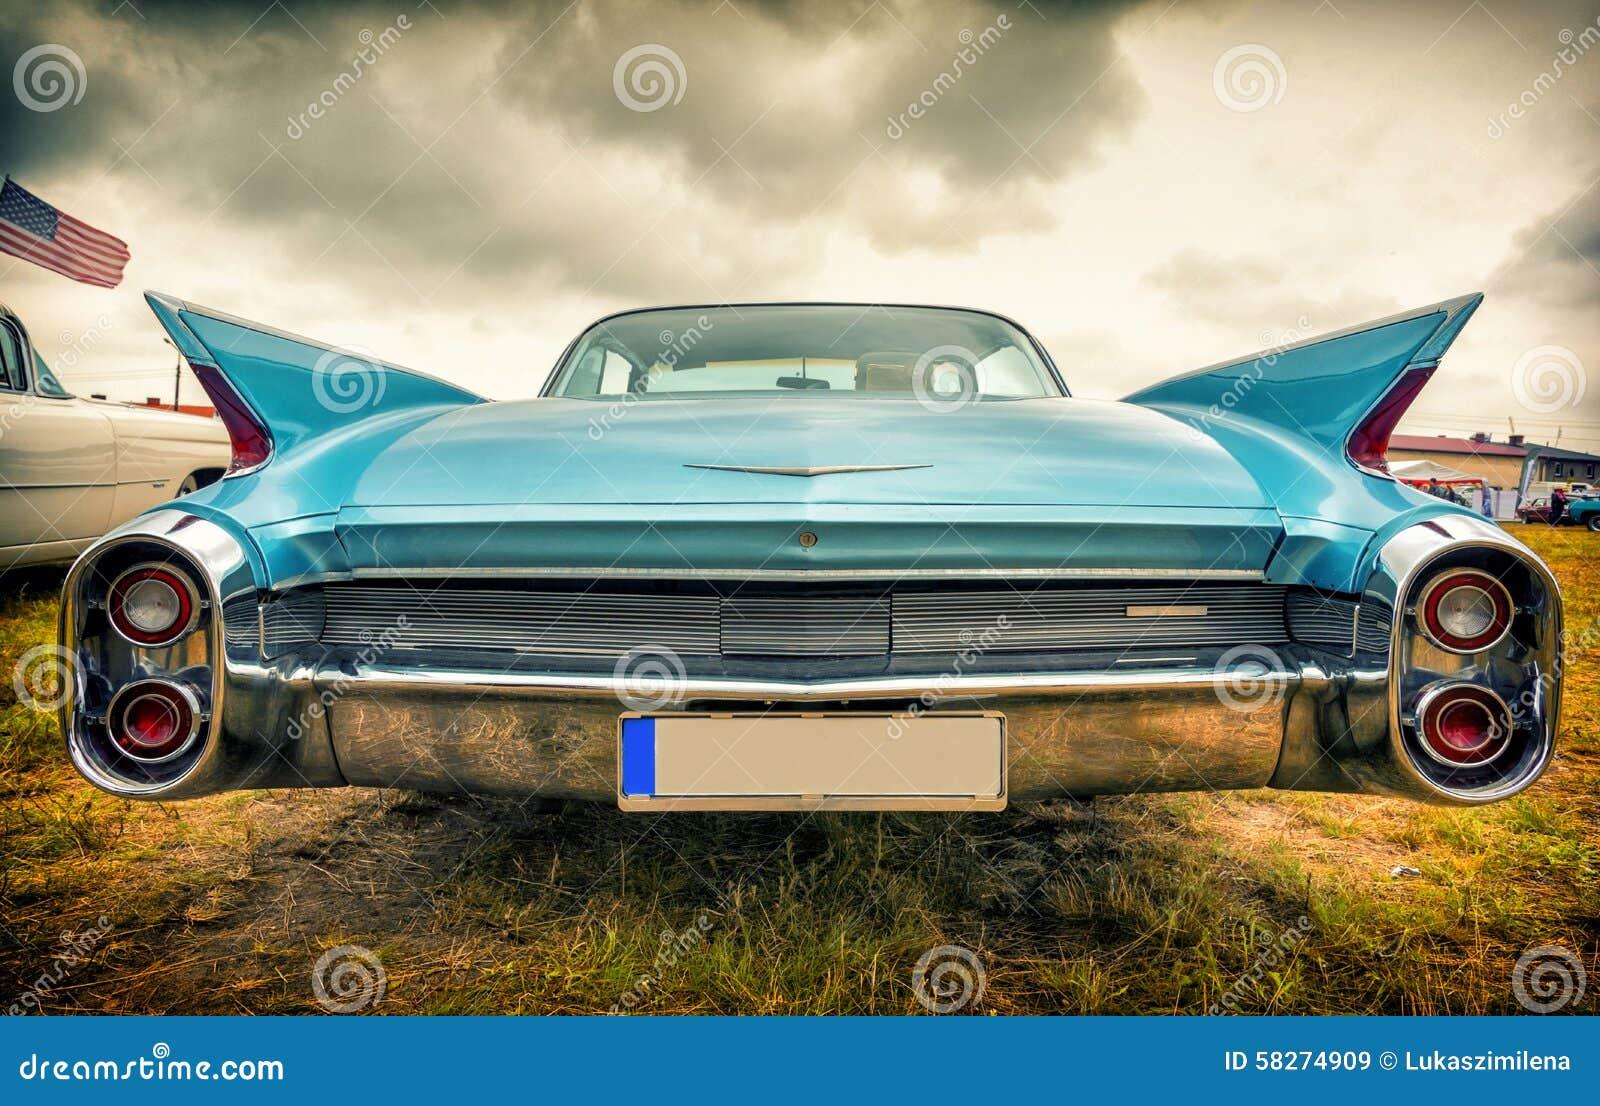 vieille voiture am ricaine dans le style de vintage photo stock image 58274909. Black Bedroom Furniture Sets. Home Design Ideas